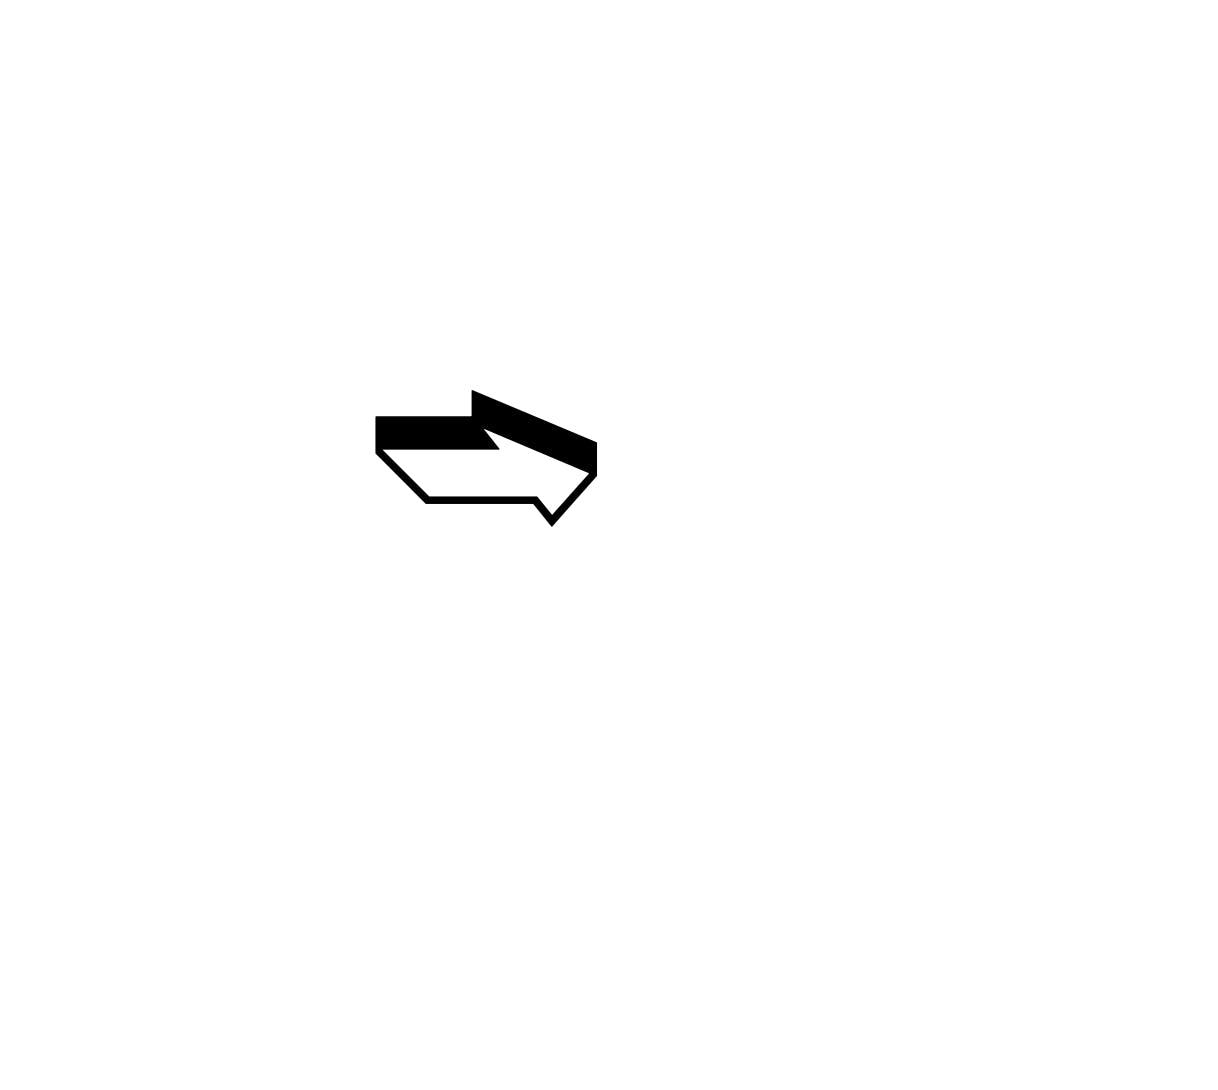 This is the default alt description for an image